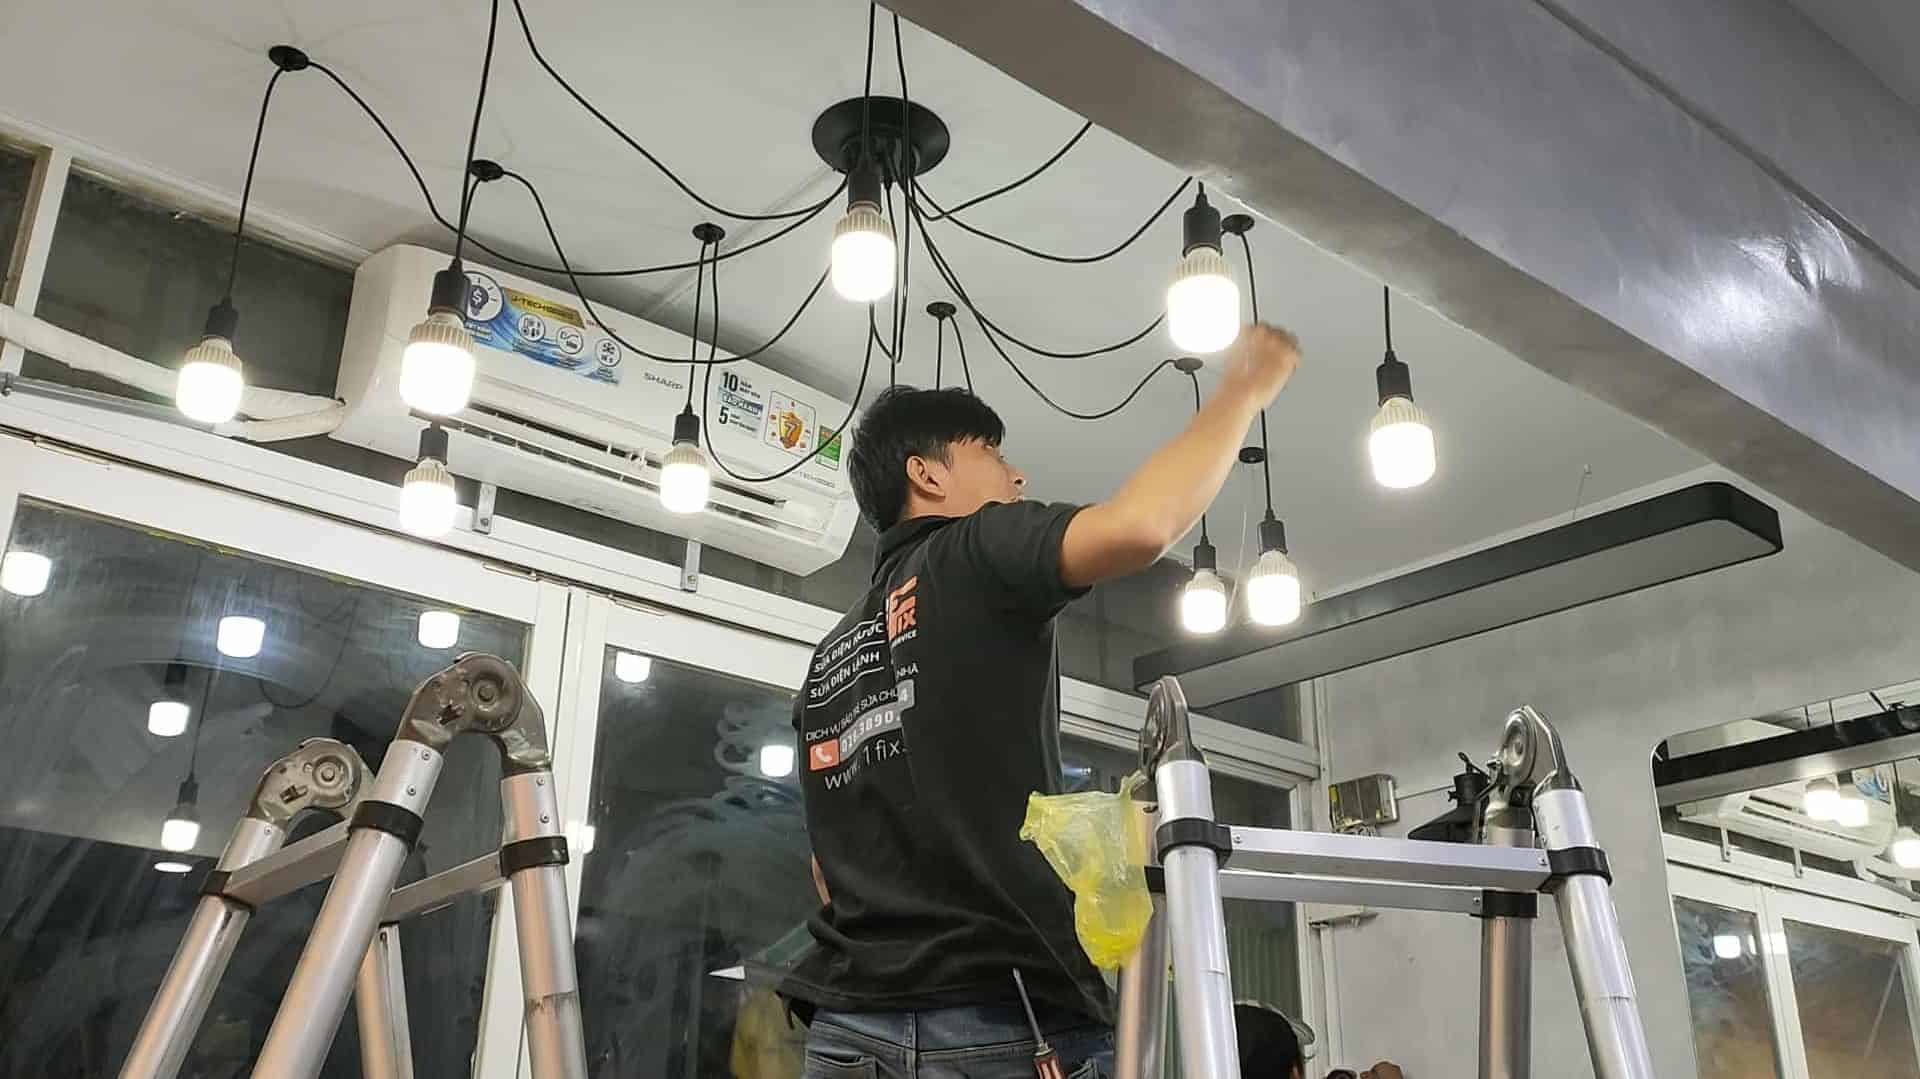 Thi công sửa chữa nhà tại quận 8